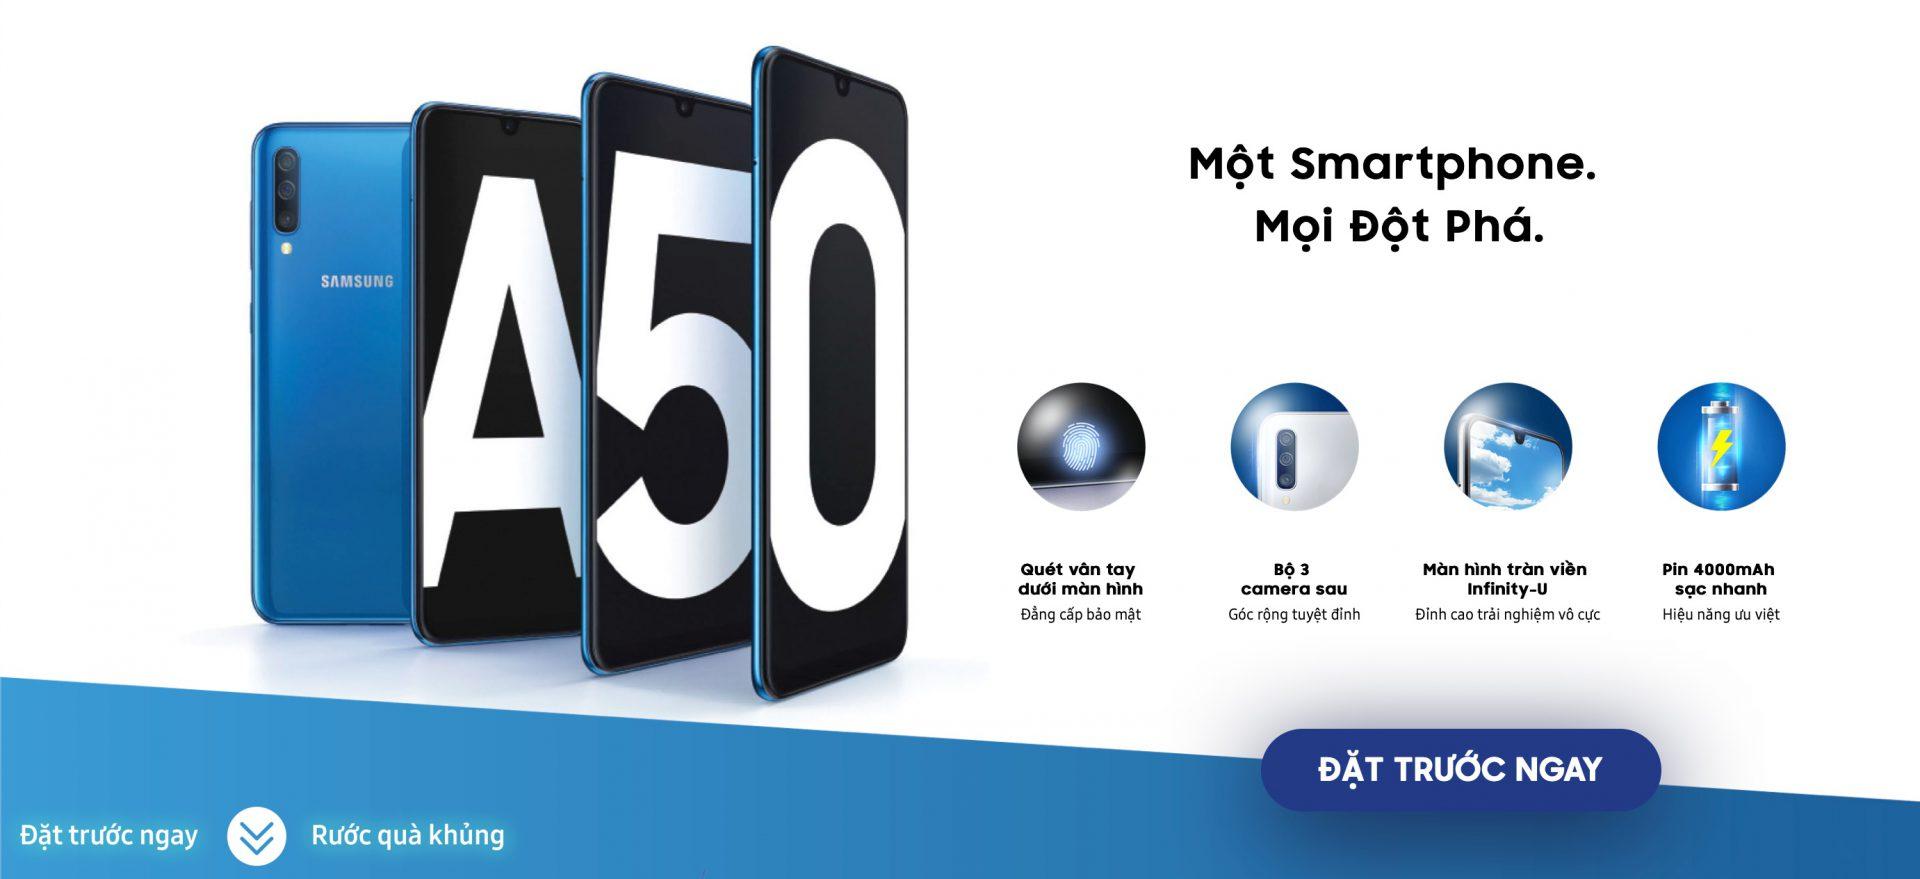 Đặt trước smartphone đột phá Galaxy A50 ngay hôm nay, nhận ngay những phần quà giá trị